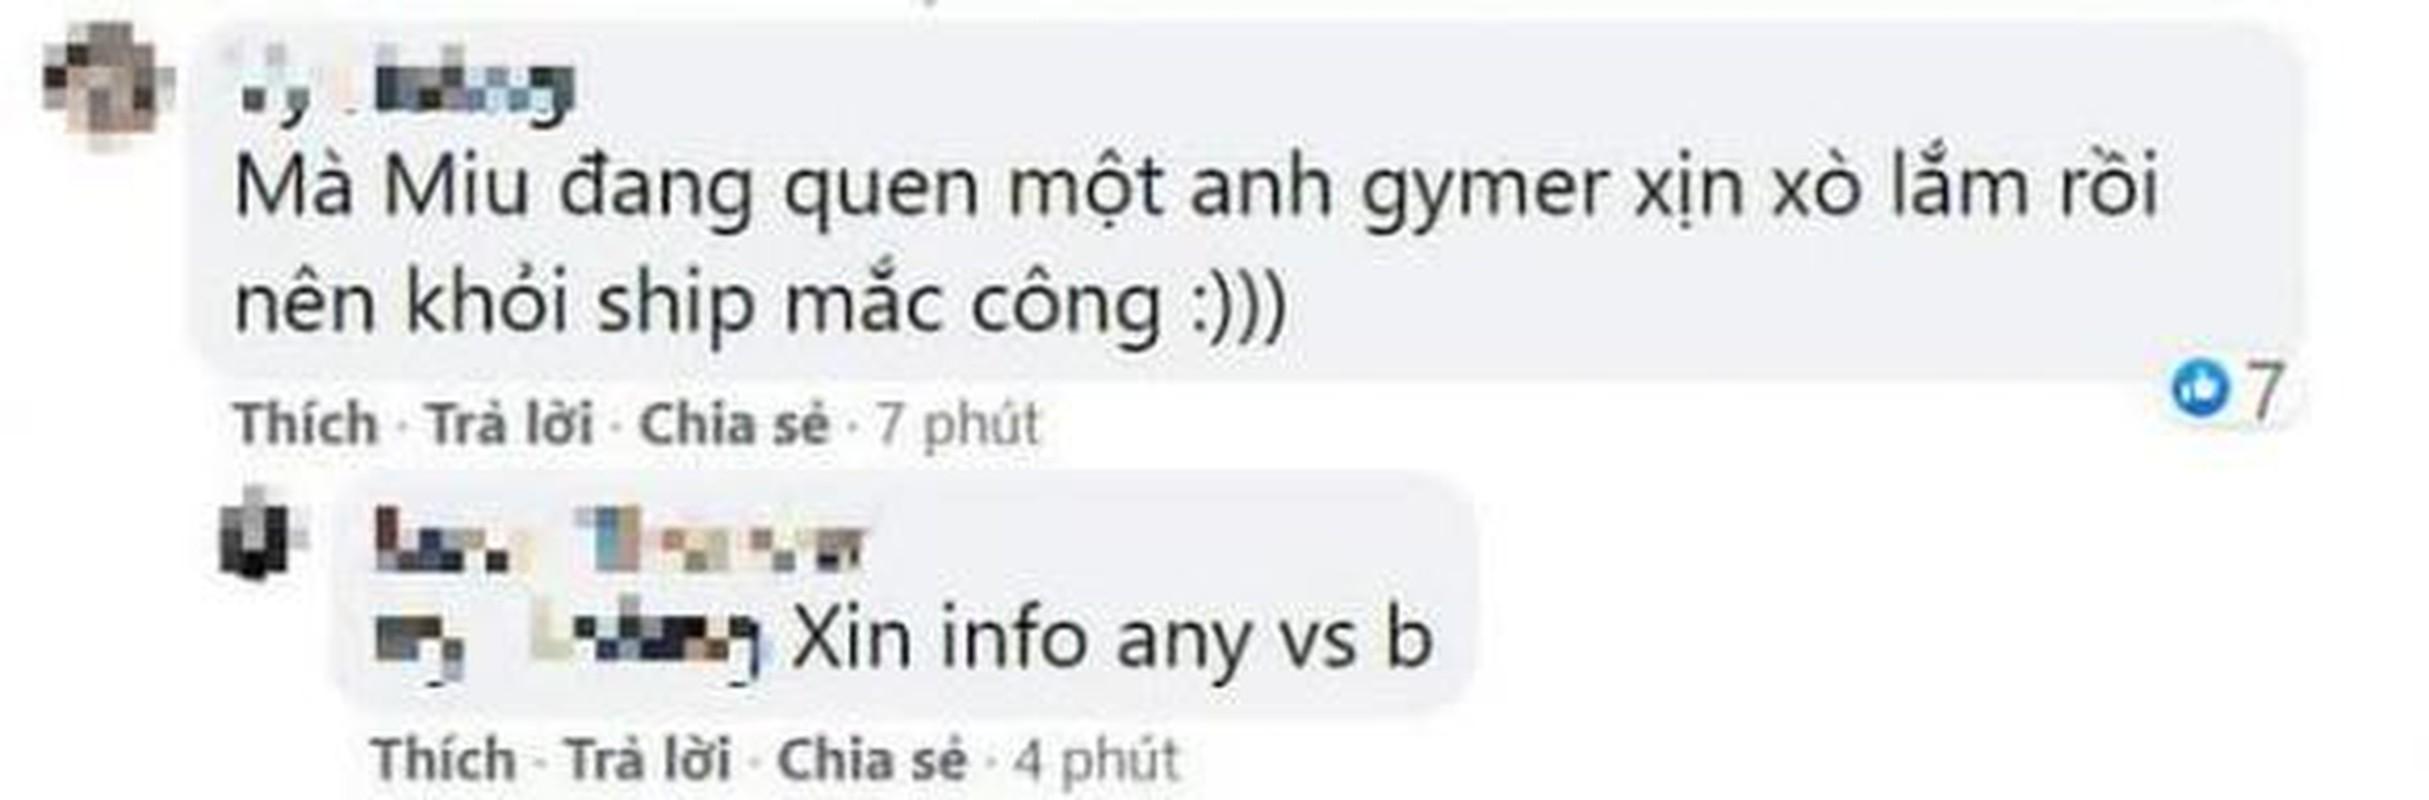 Ro tin don Miu Le hen ho mot gymer chu khong phai Karik